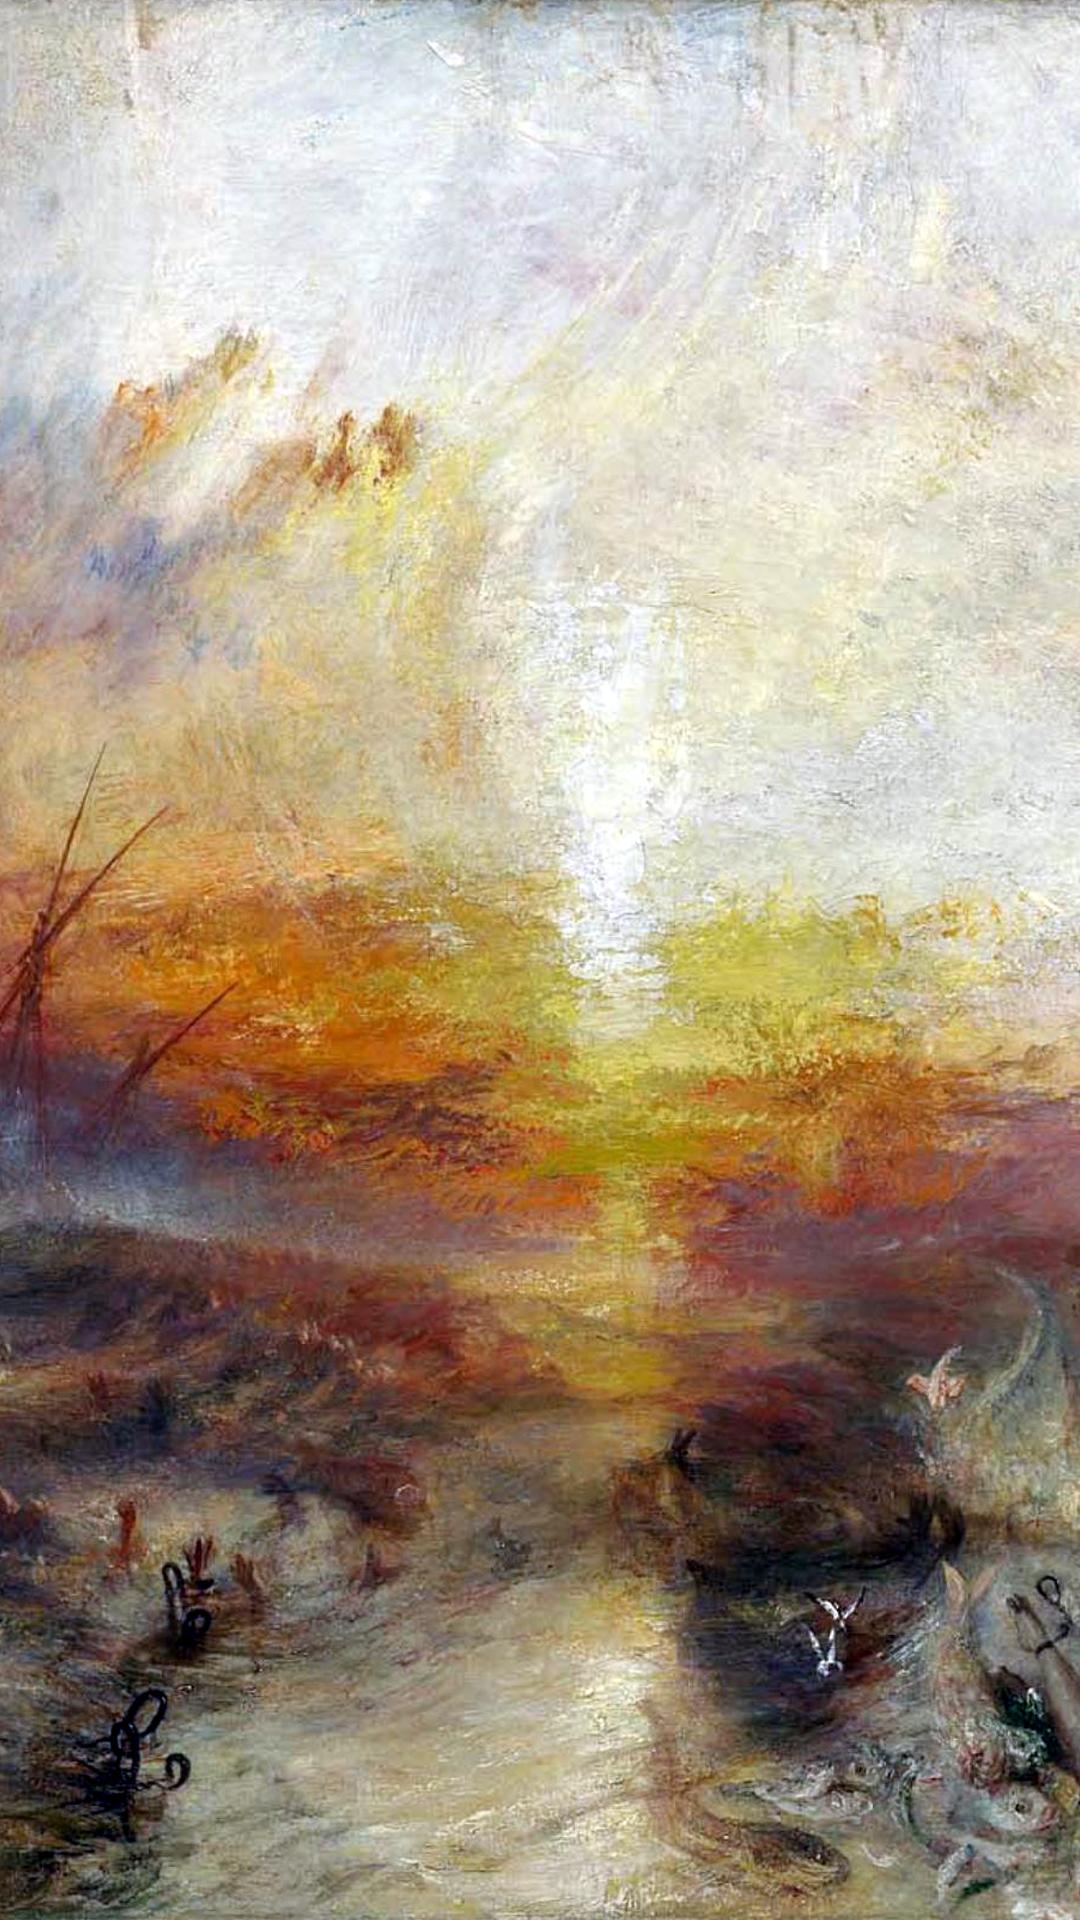 ジョゼフ・マロード・ウィリアム・ターナーの画像 p1_8